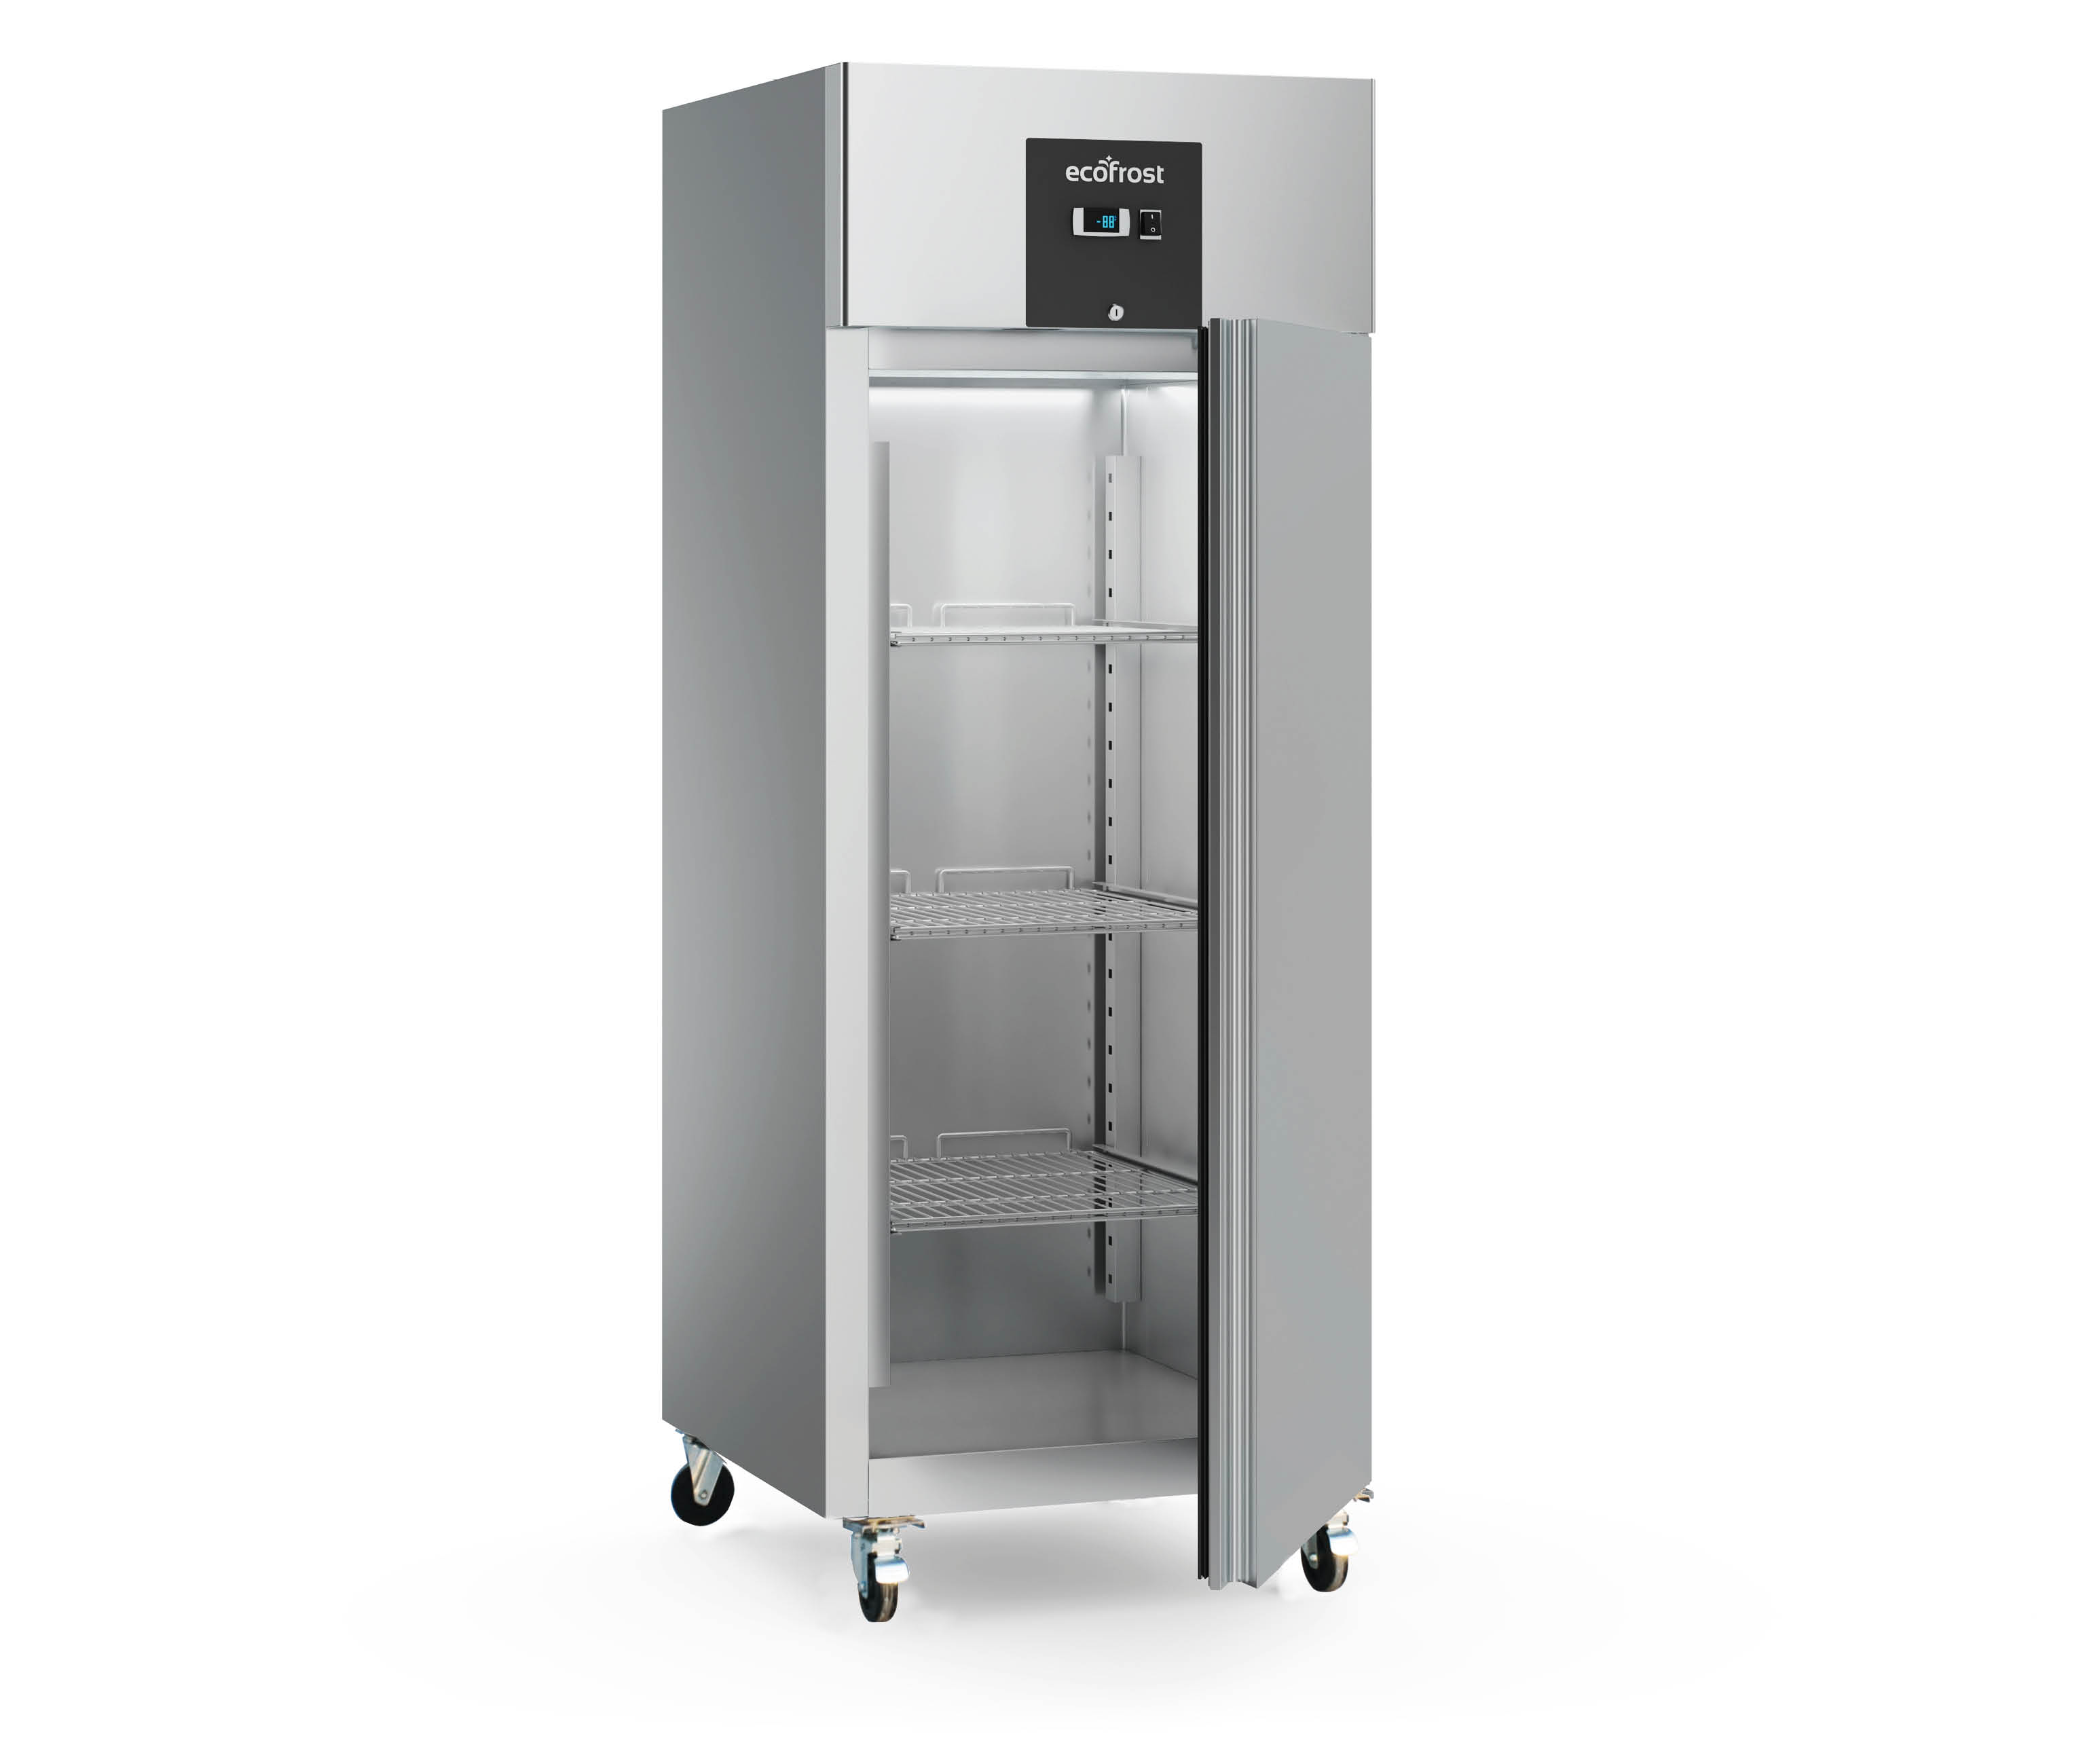 Ecofrost Upright Refrigerator 650ltr 2 8 176 C Ce Tech